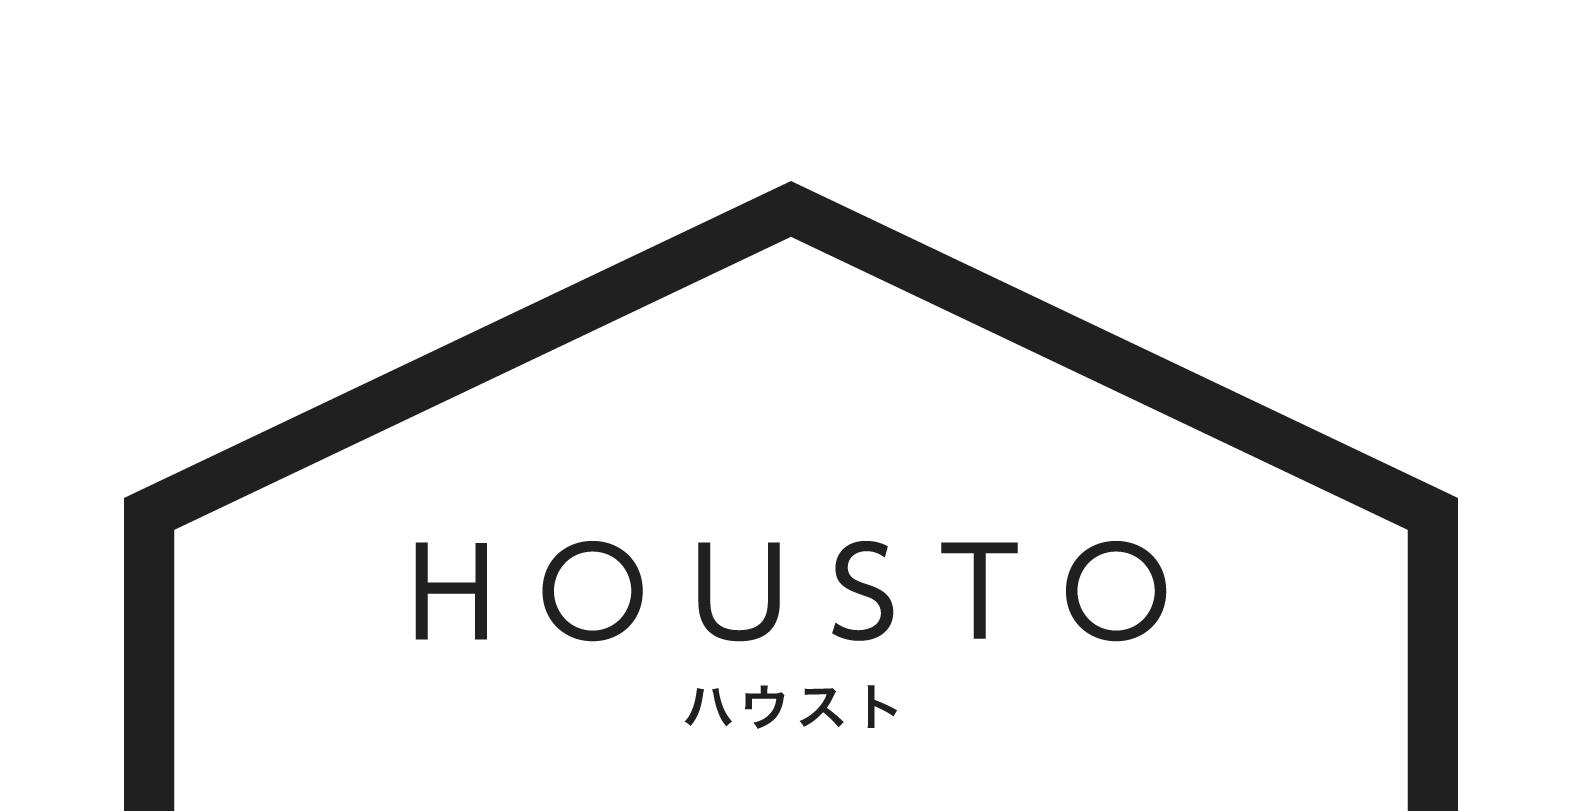 ロイヤル(家具メーカー) オウンドメディア「HOUSTO」